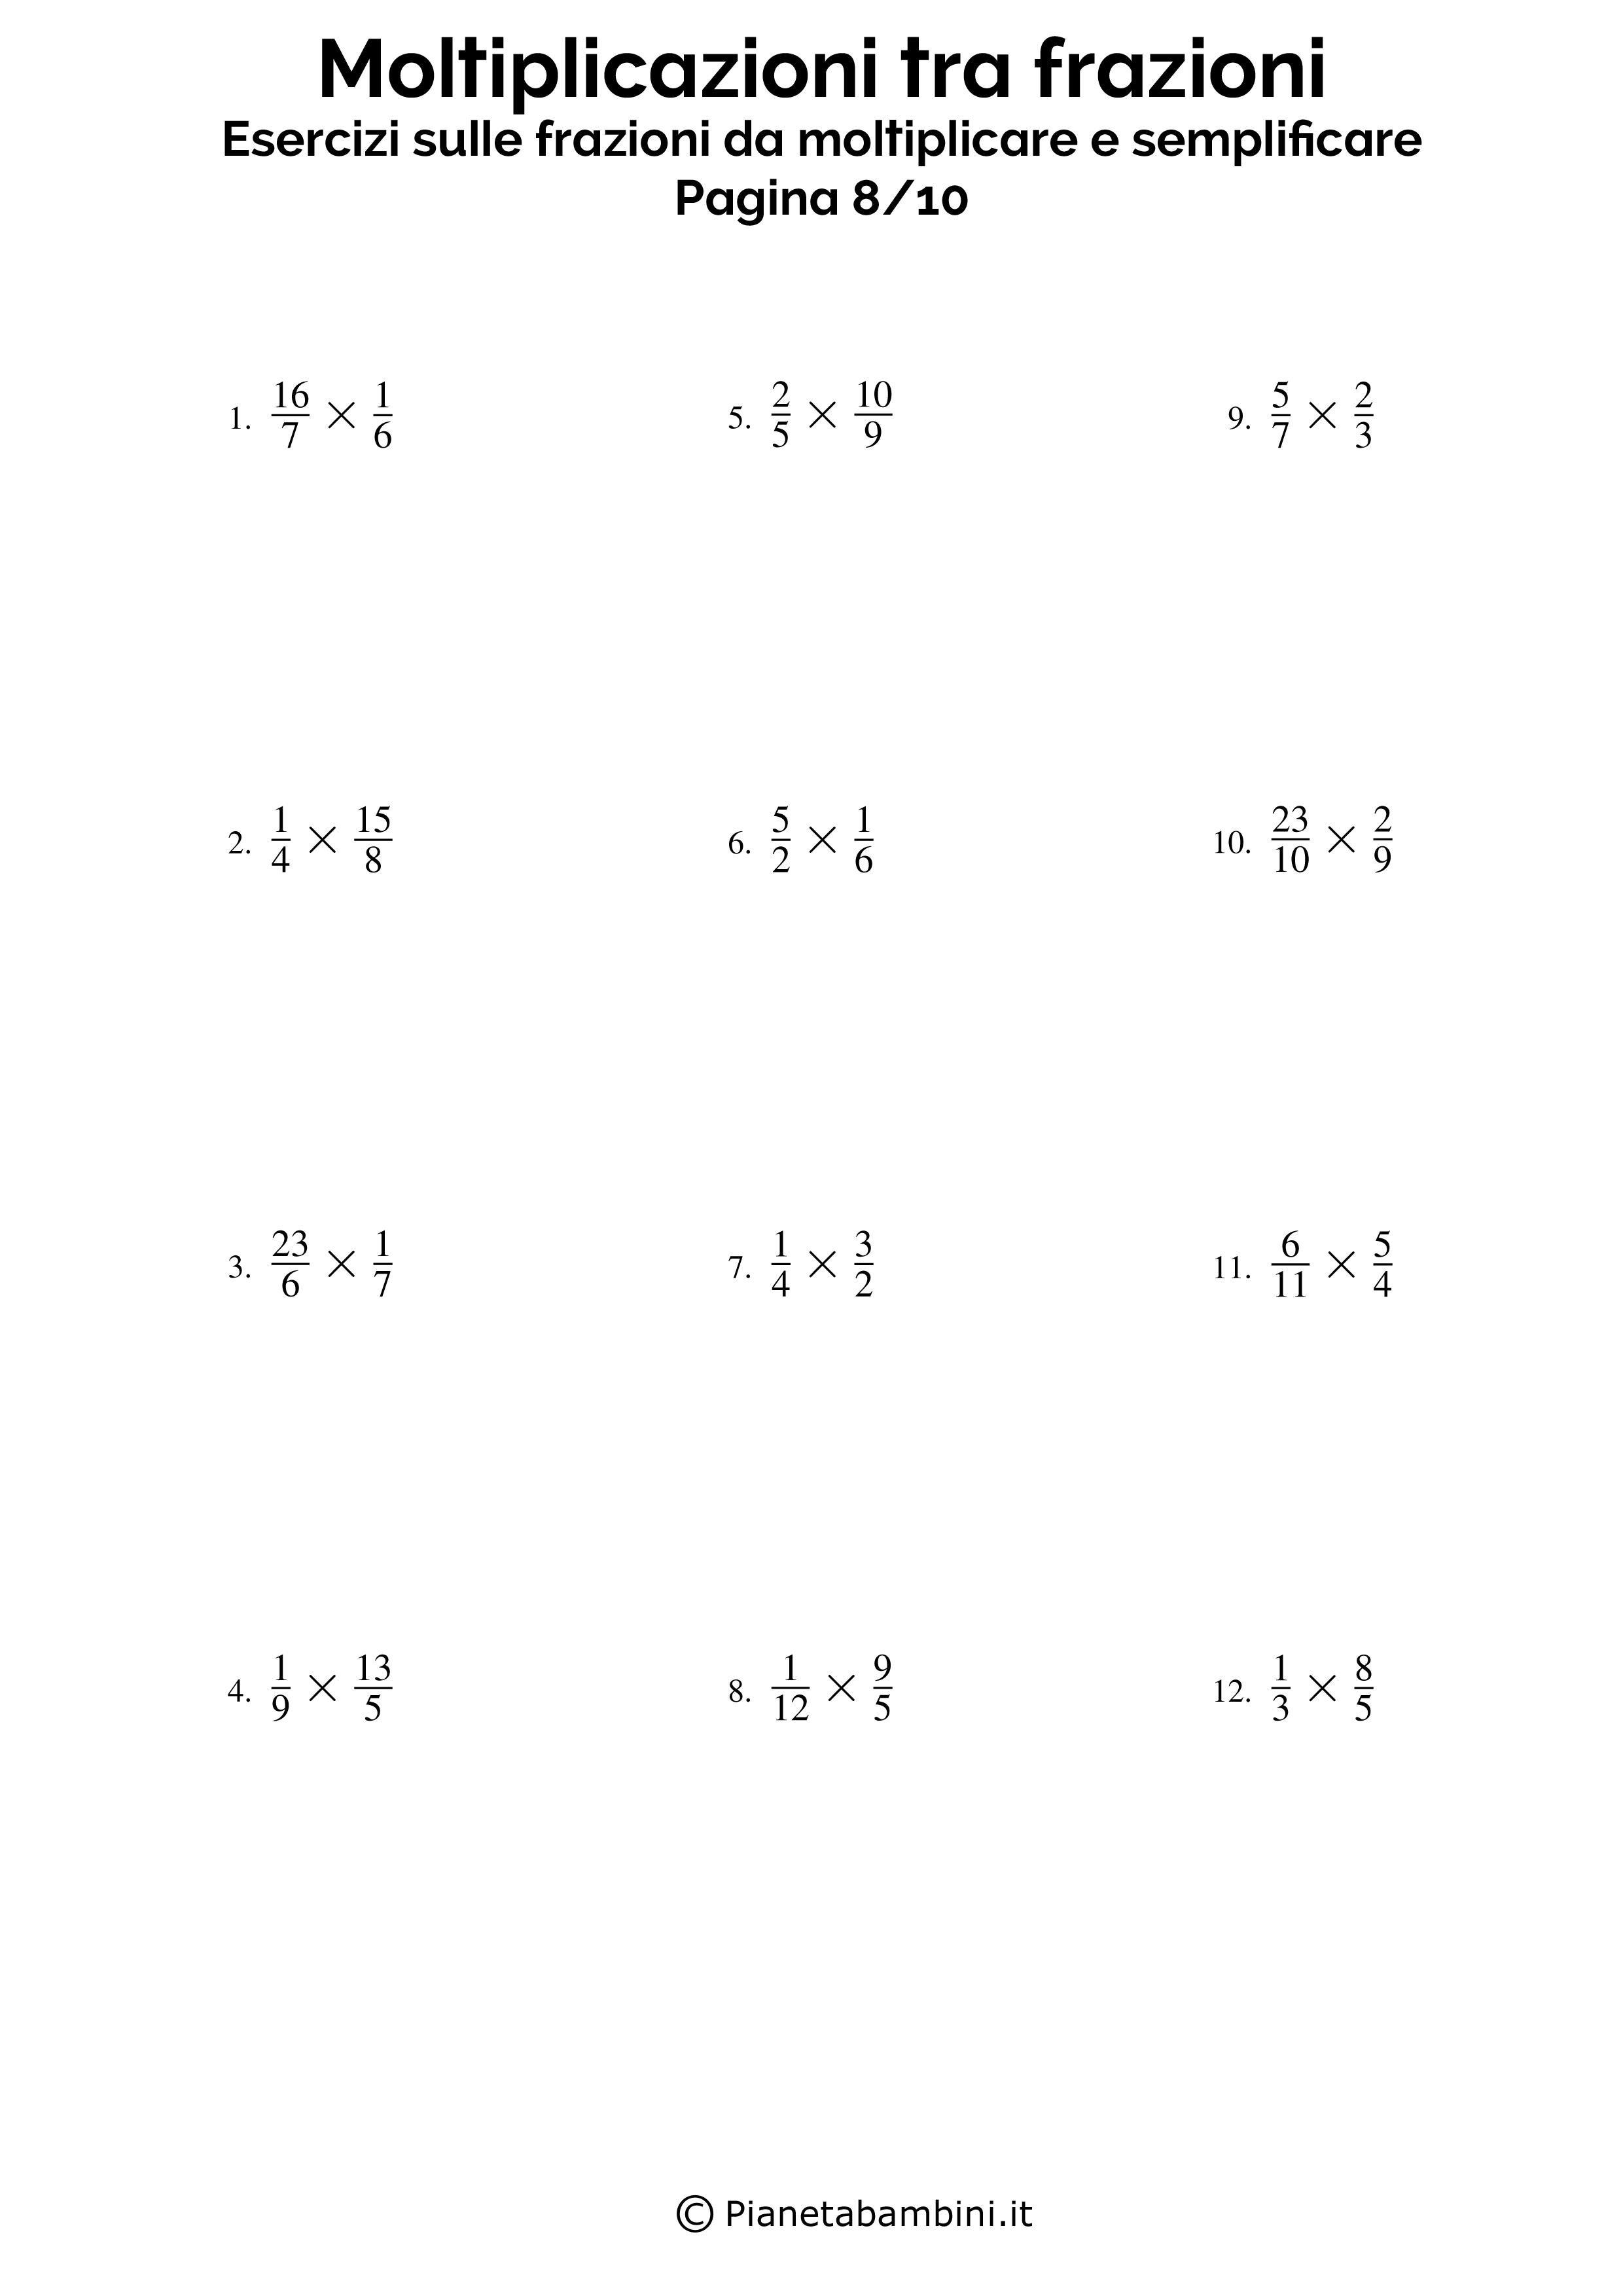 Frazioni-Moltiplicare-Semplificare_08